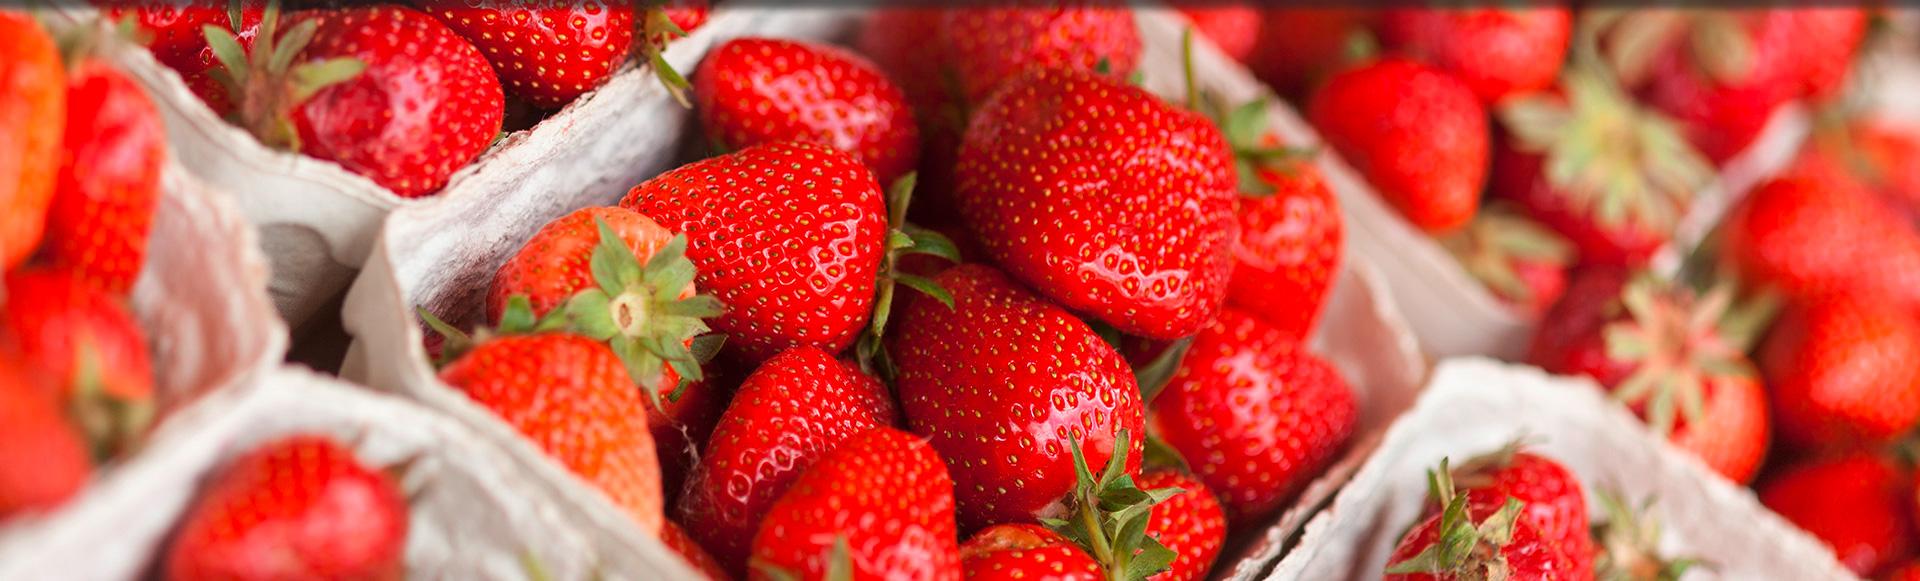 strudels-scheunenlaedele-erdbeeren2